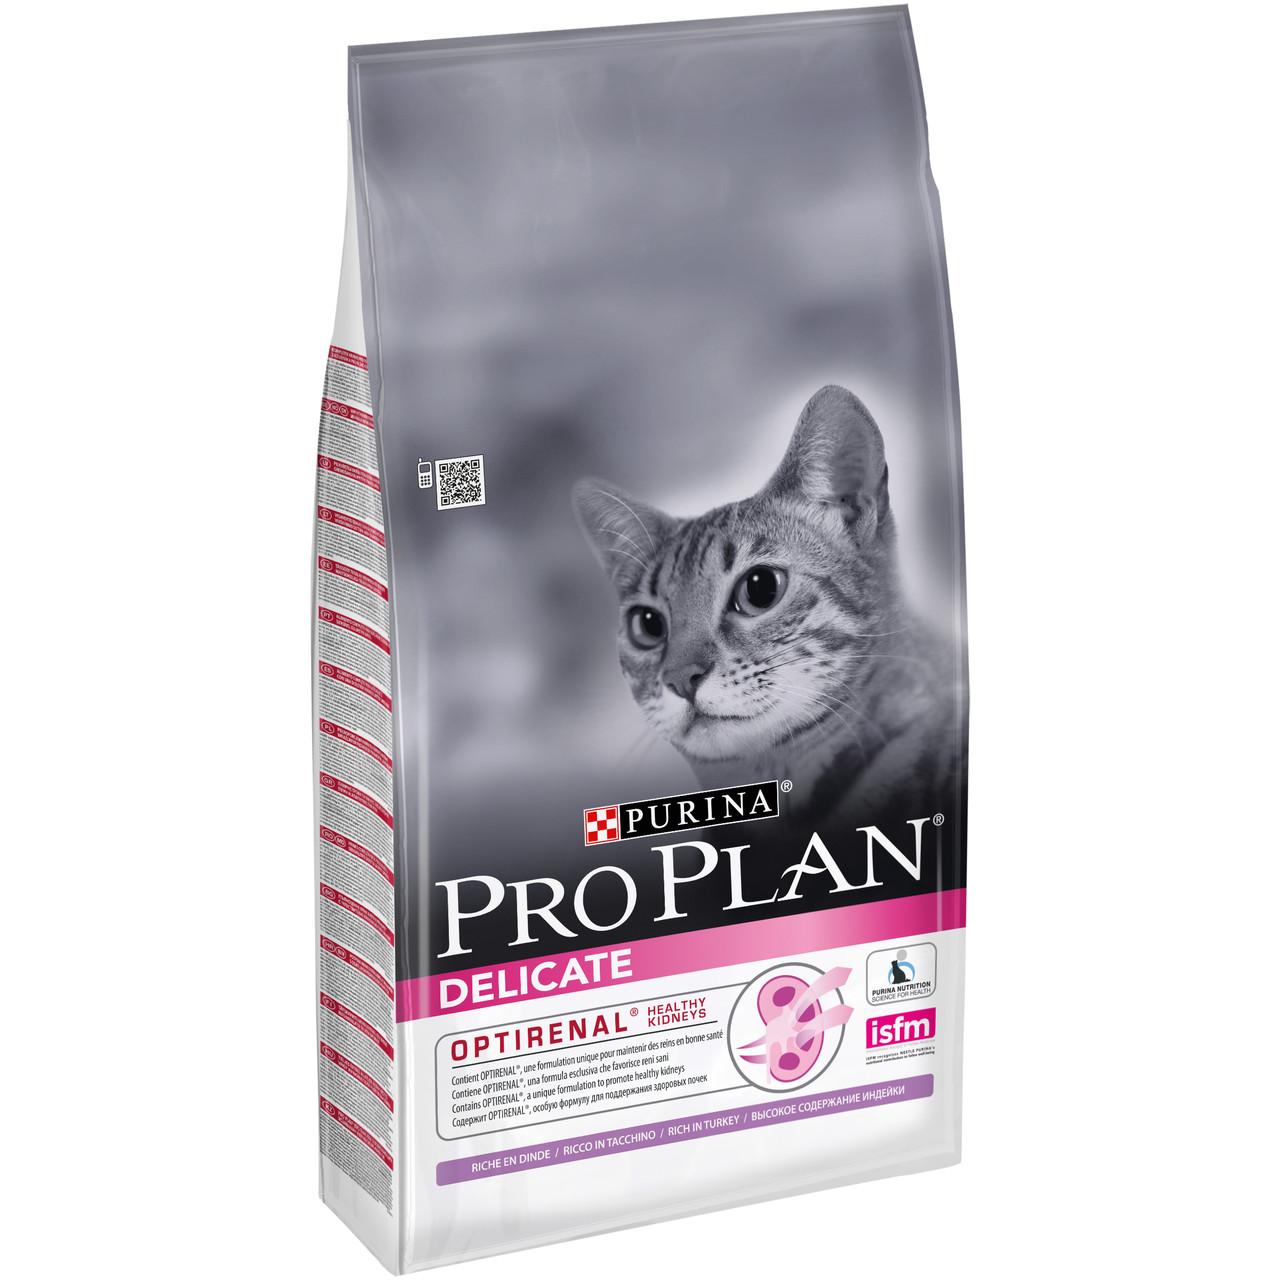 Purina Pro Plan Cat Delicate Turkey 10 кг - Сухой корм для кошек с чувствительным пищеварением с индейкой